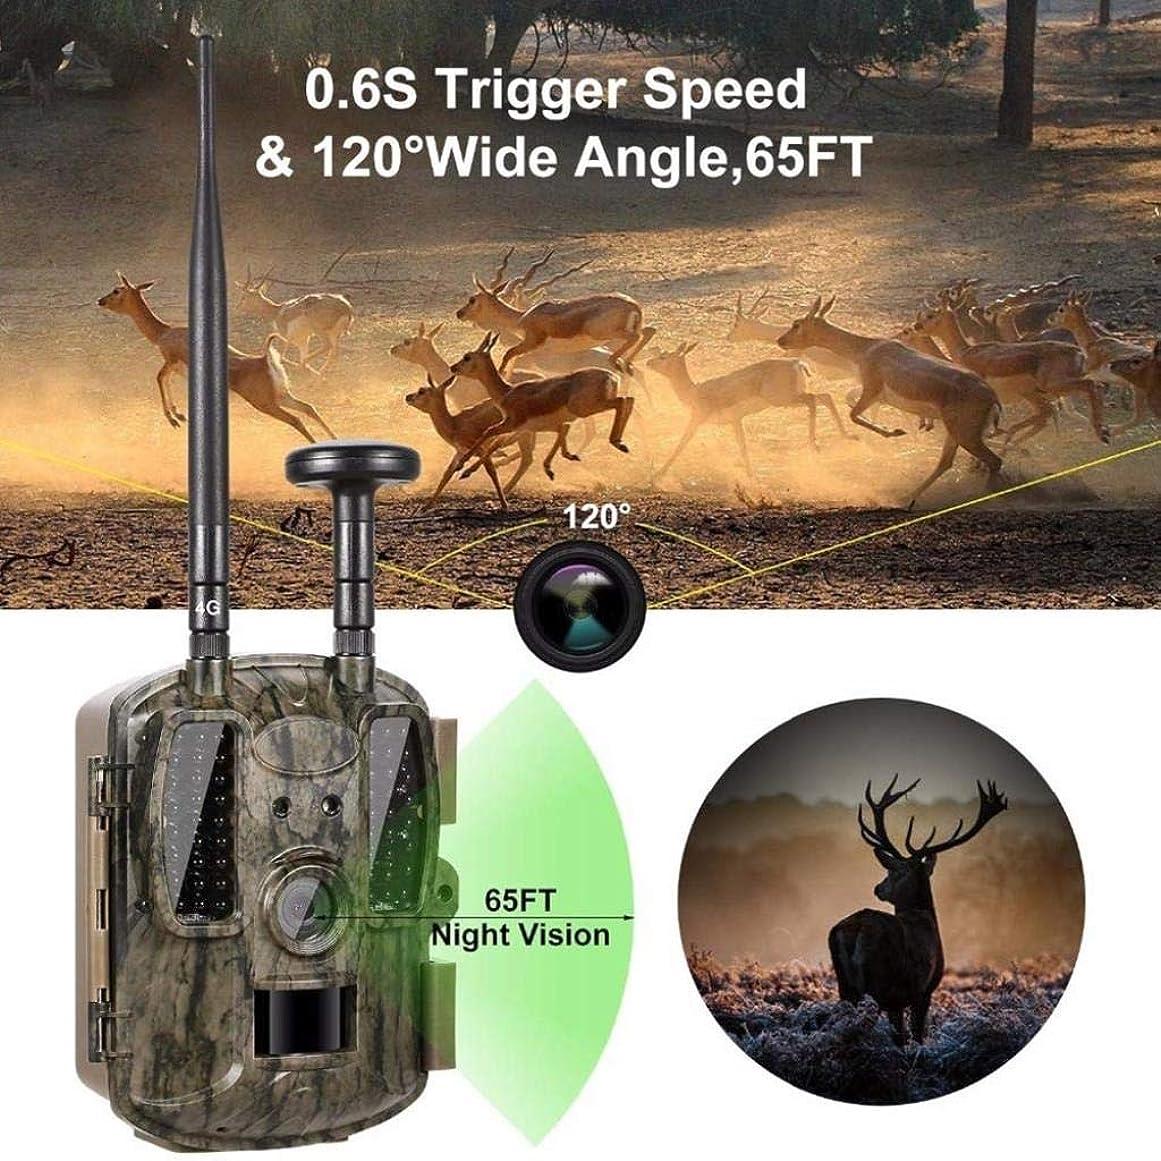 傑出したマークされた冒険者アウトドア 4ギガバイト野生生物カメラトラップ12MP(1200万HD)1080P野生の捕獲カム赤外線モーション活性化ナイトビジョンIP66防水用屋外フィールドホームセキュリティ監視